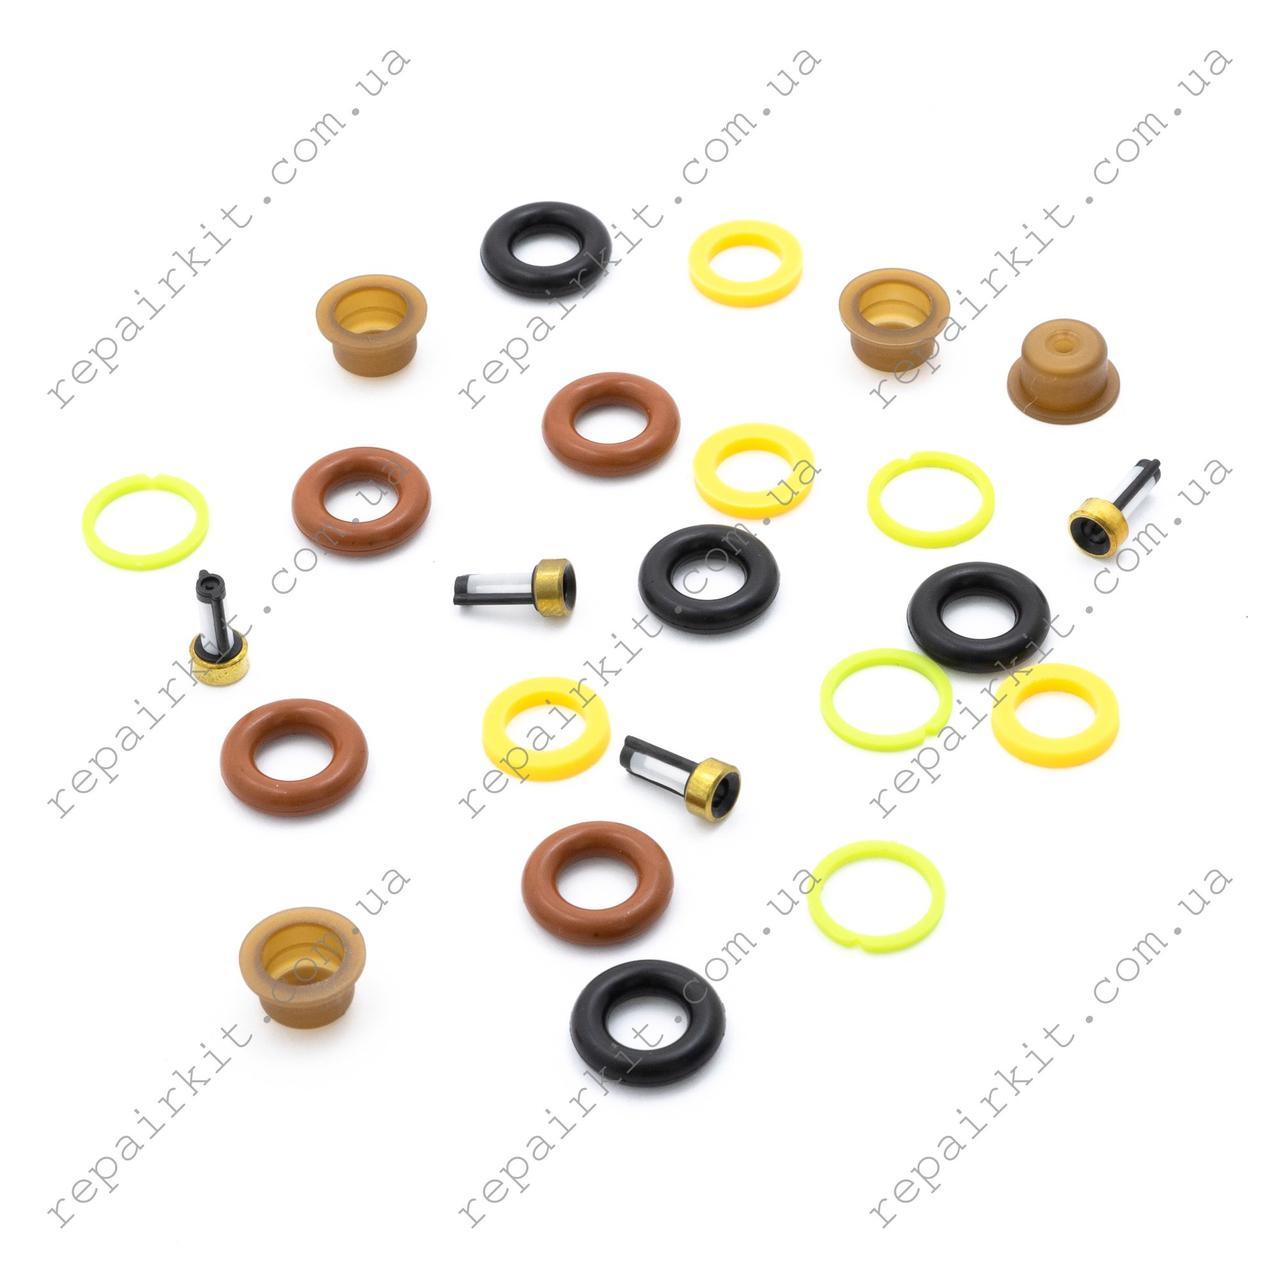 Ремкомплект форсунки впрыска топлива для Saab 900, 9000, 9-3 YS3D 0280150431